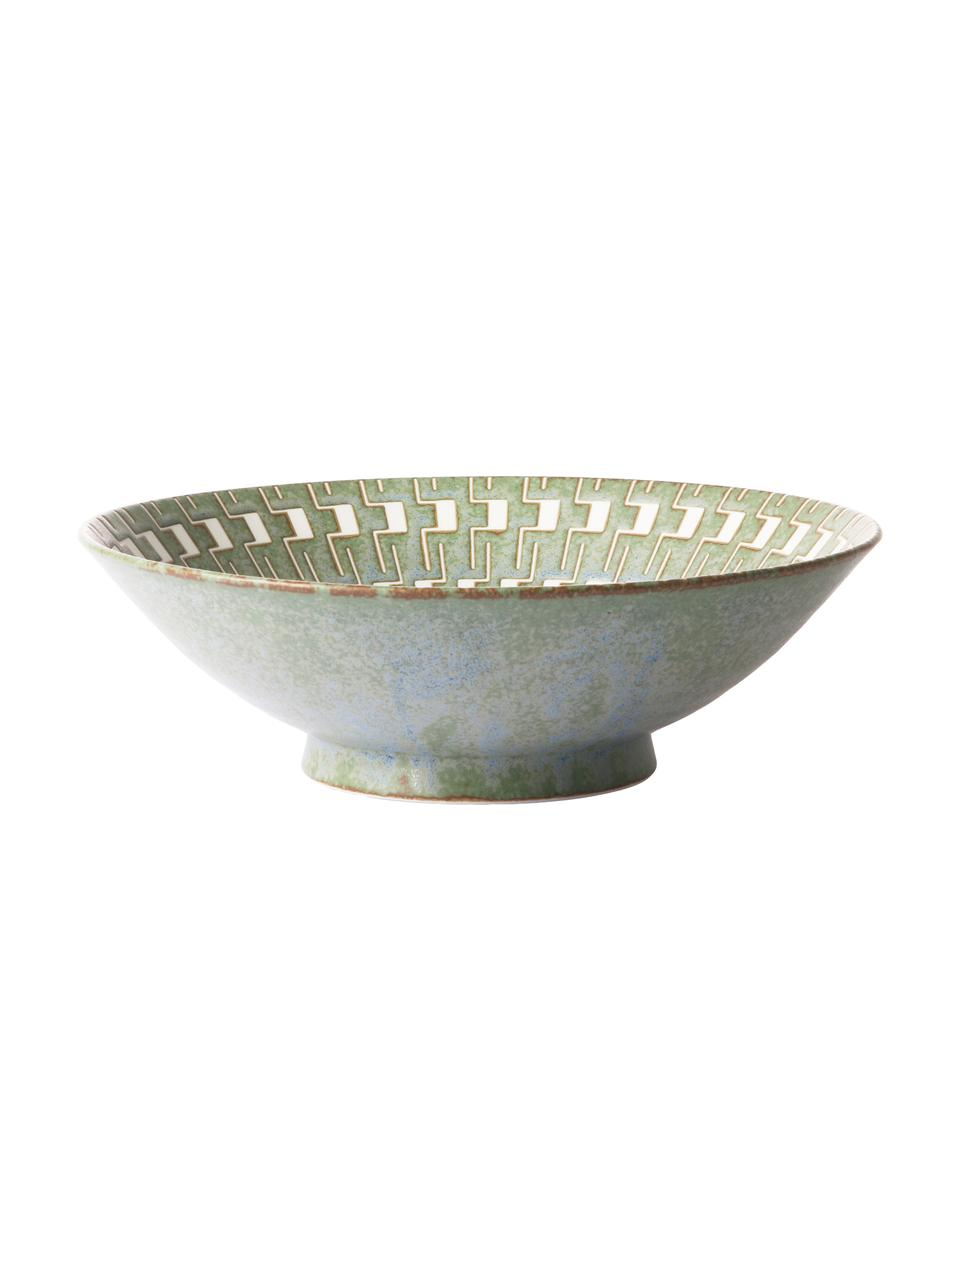 Ručně vyrobená salátová mísa v japonském stylu Yunomi, Ø 25 cm, Zelená, bílá